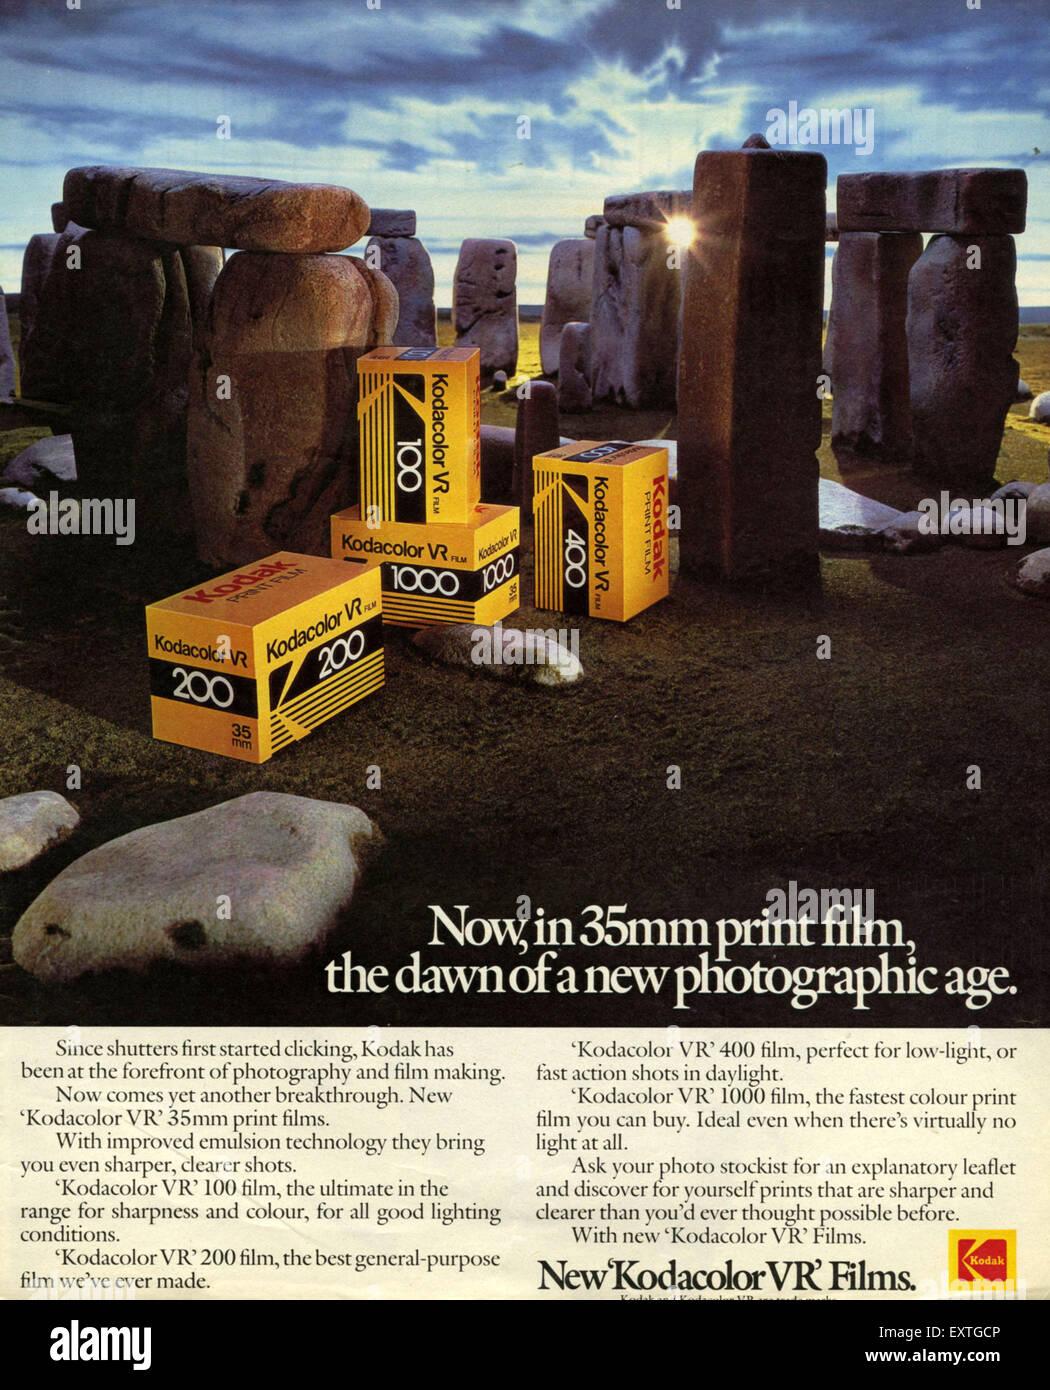 4x Kodak Professional Ektar 100 película de impresión de color 35mm 135-36 exposiciones